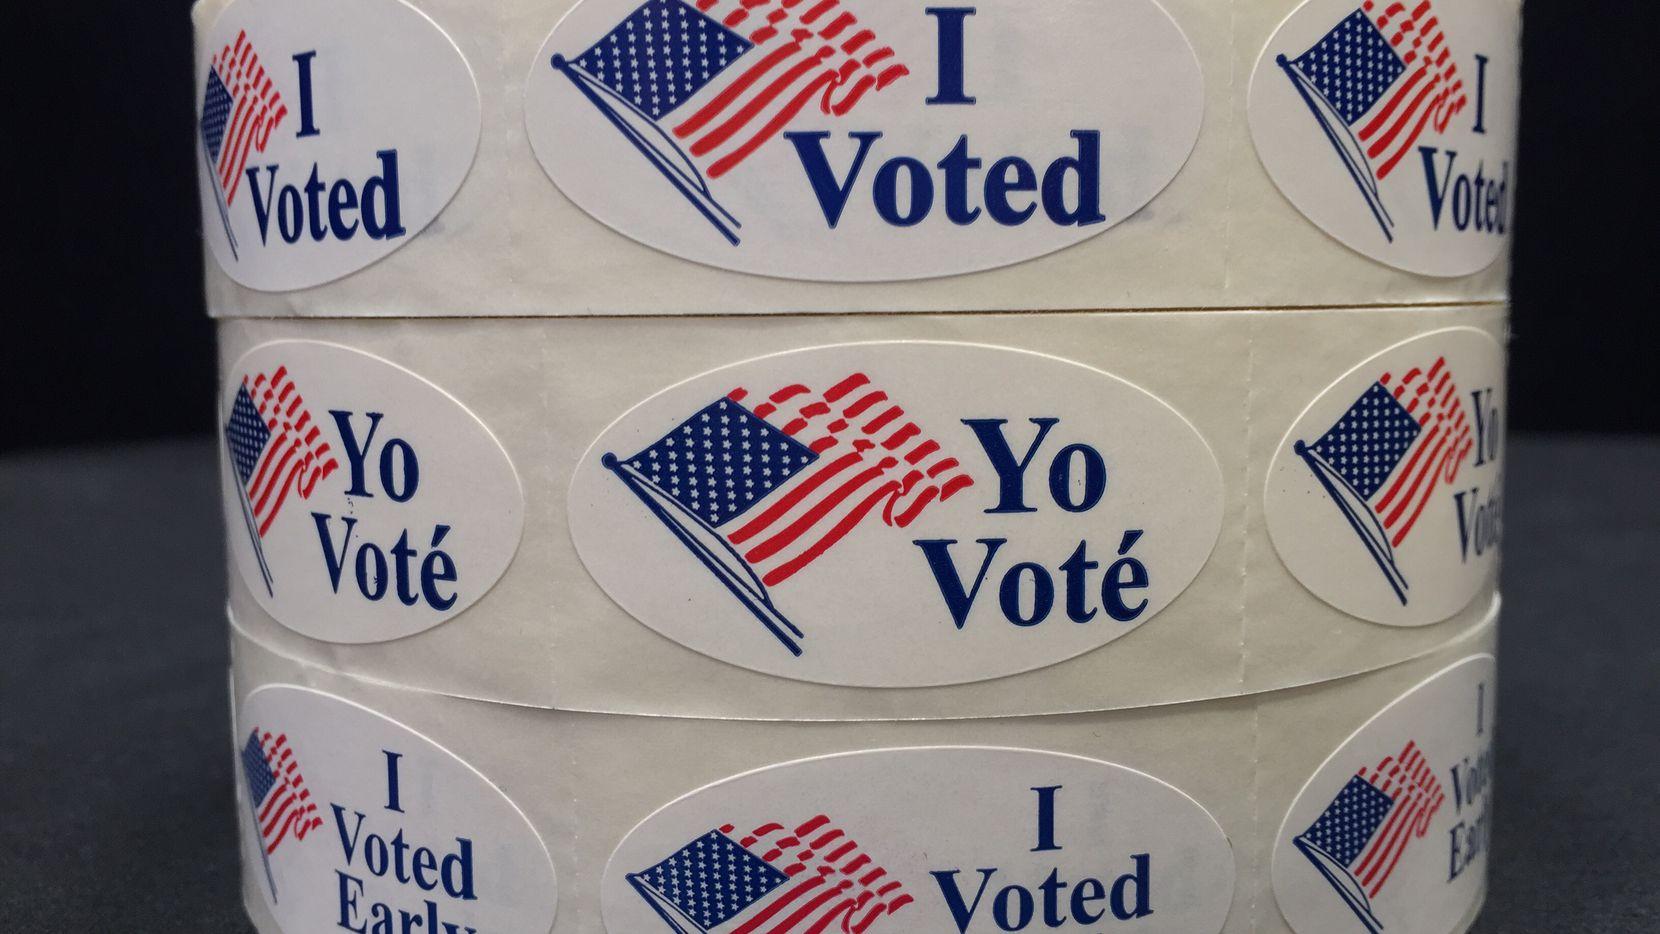 En las ciudades de Lancaster, Hutchins y Wilmer se habilitaron algunos centros de votación anticipada, aunque los electores del condado de Dallas pueden votar en cualquier centro de votación del condado.